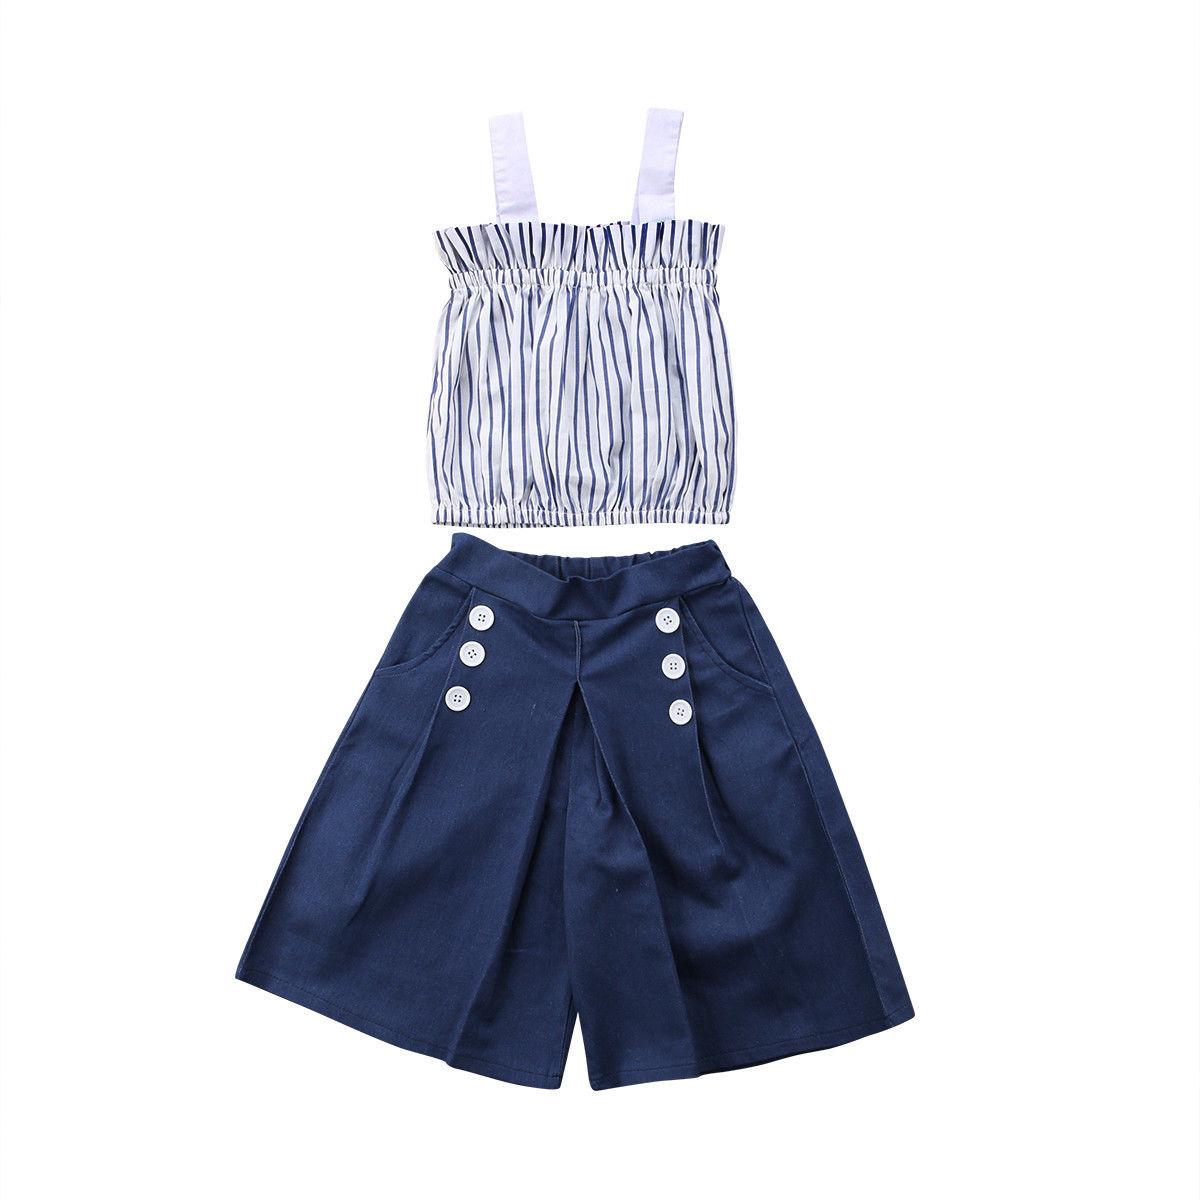 2PCS Toddler Kids Baby Girls Summer Clothes Striped Tops T-shirt Denim Skirt Set